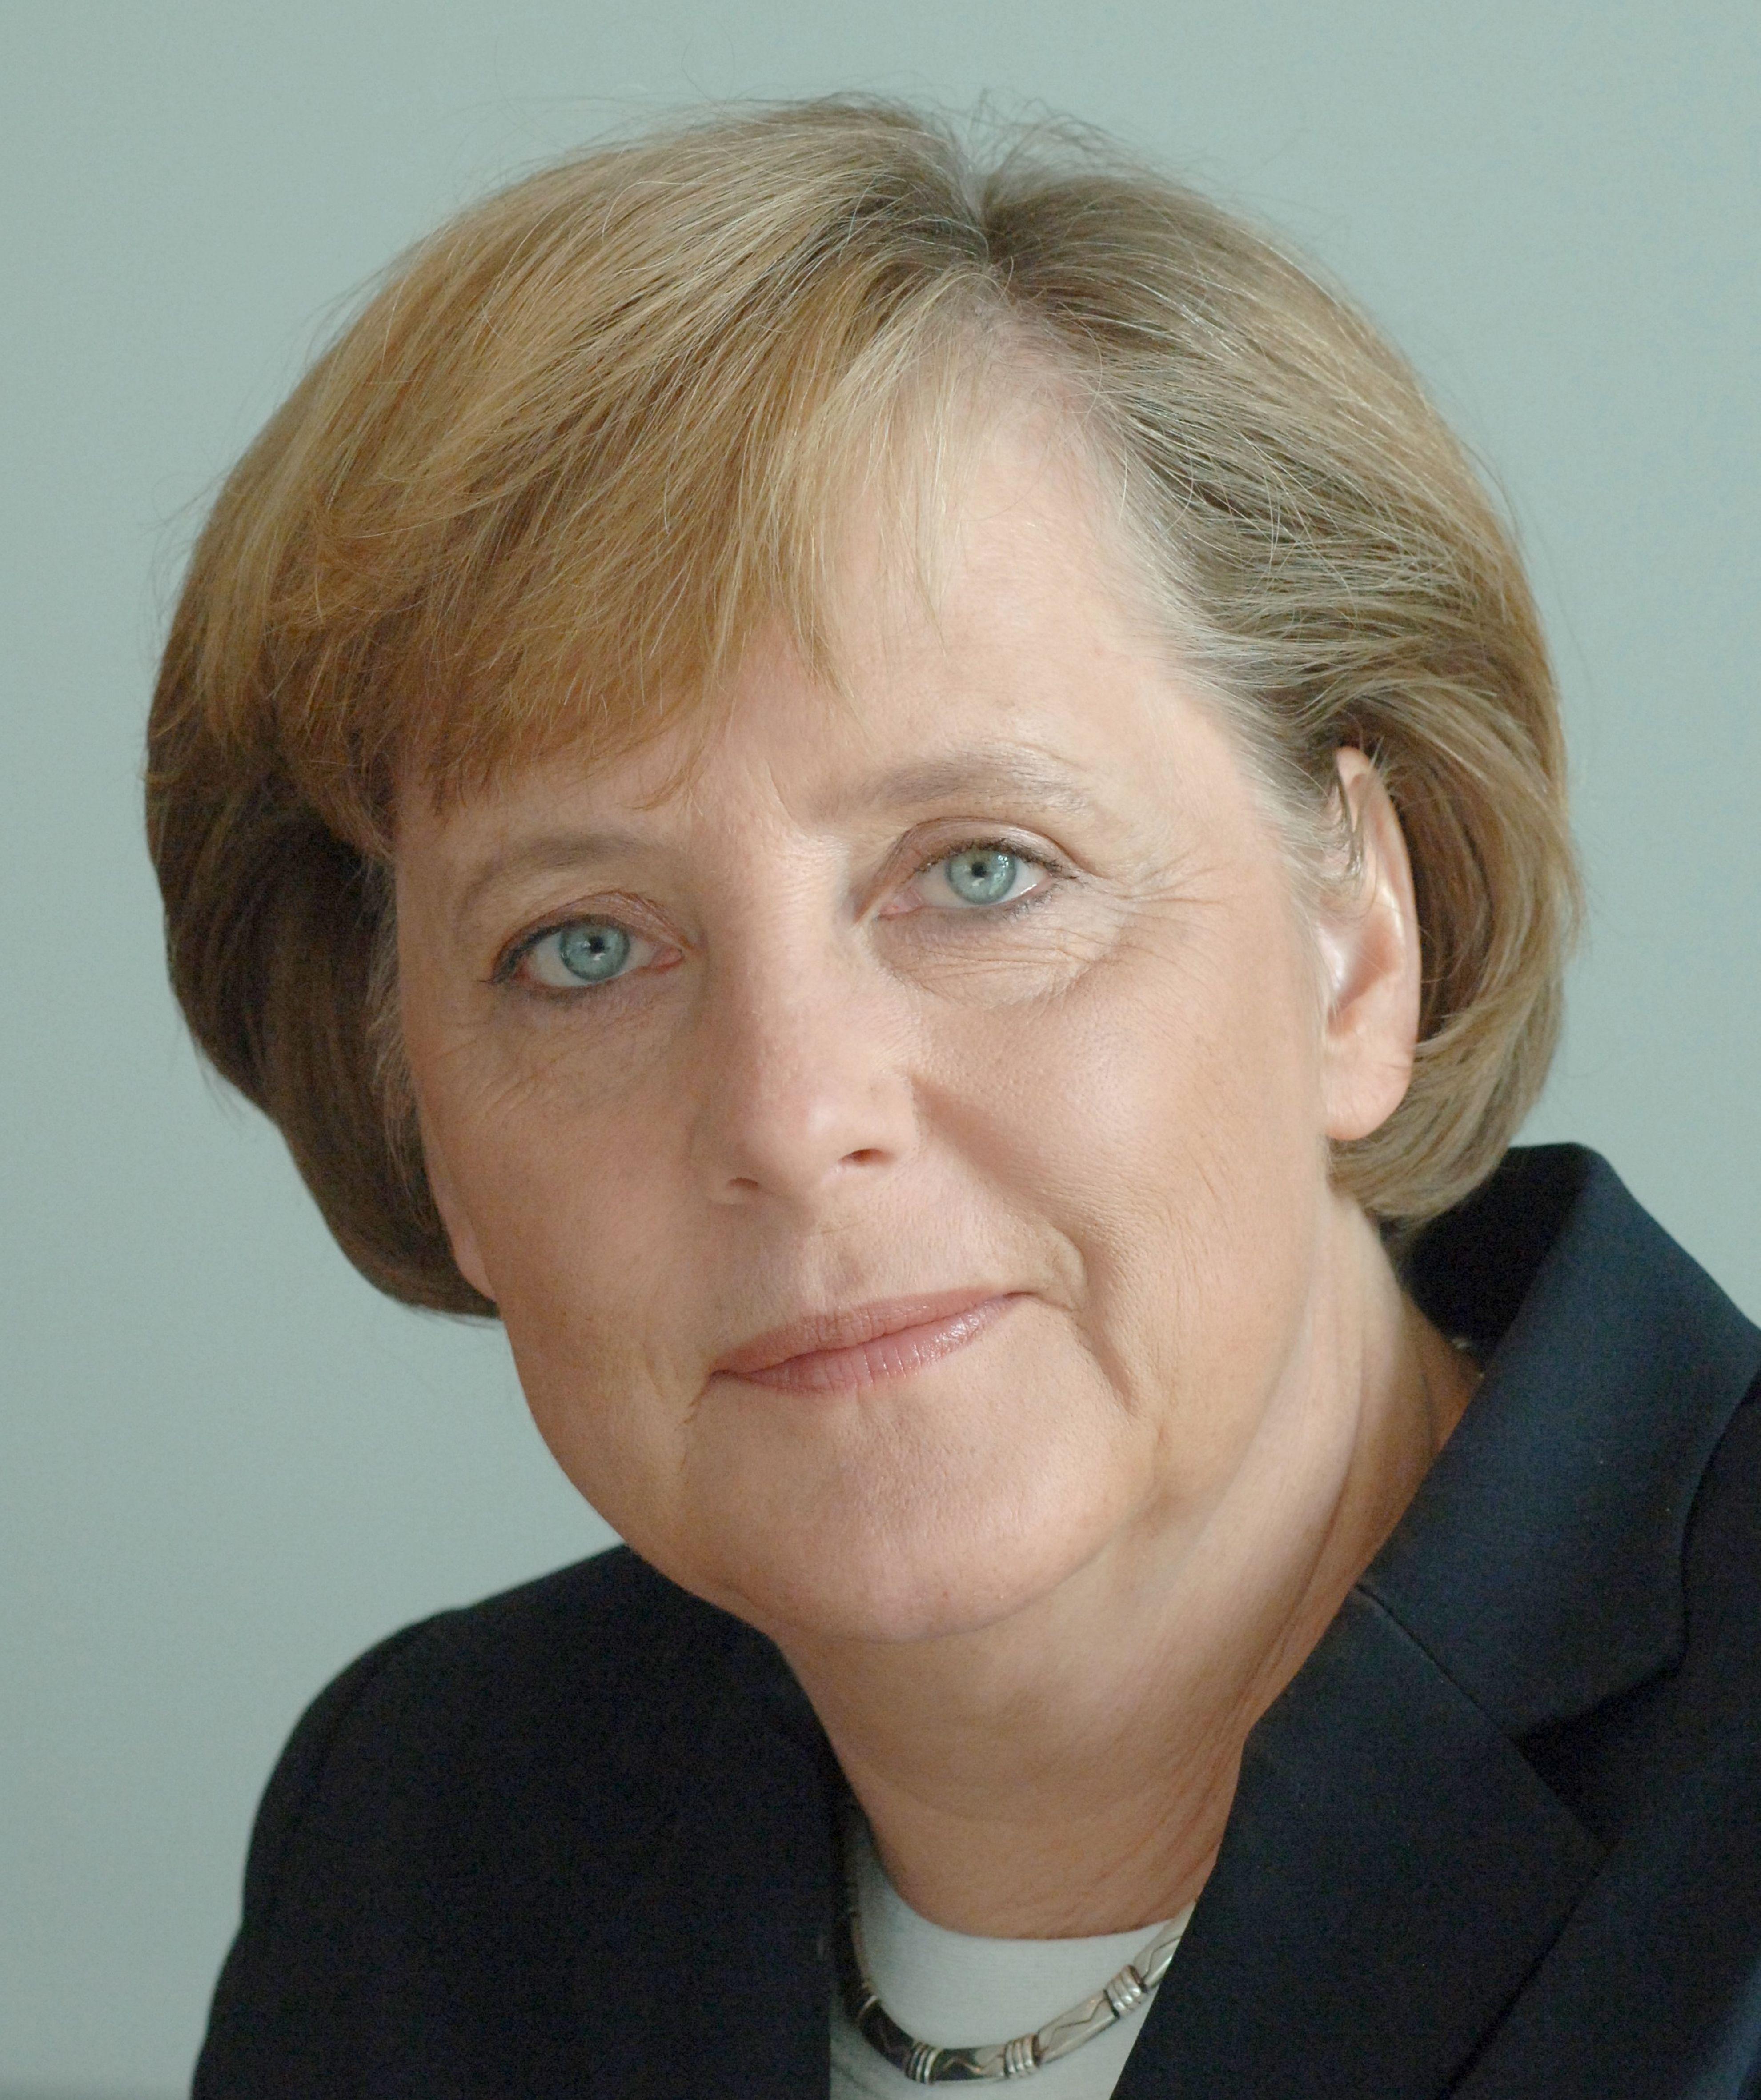 Angela kasner dissertation